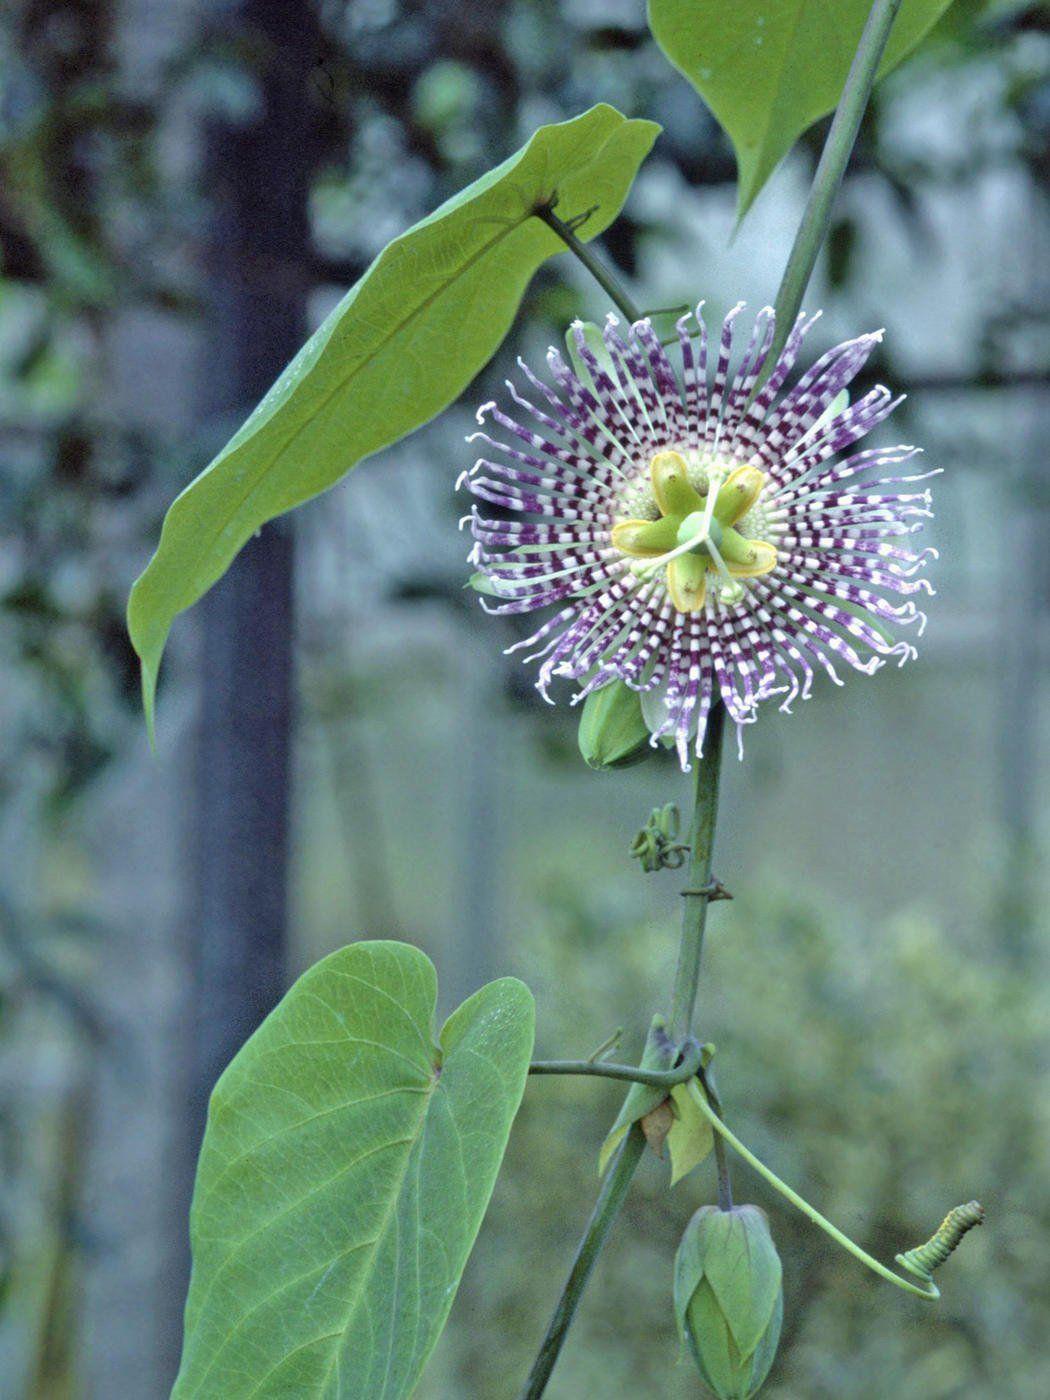 Grenadilla In 2020 Mit Bildern Pflanzen Kubelpflanzen Passionsblume